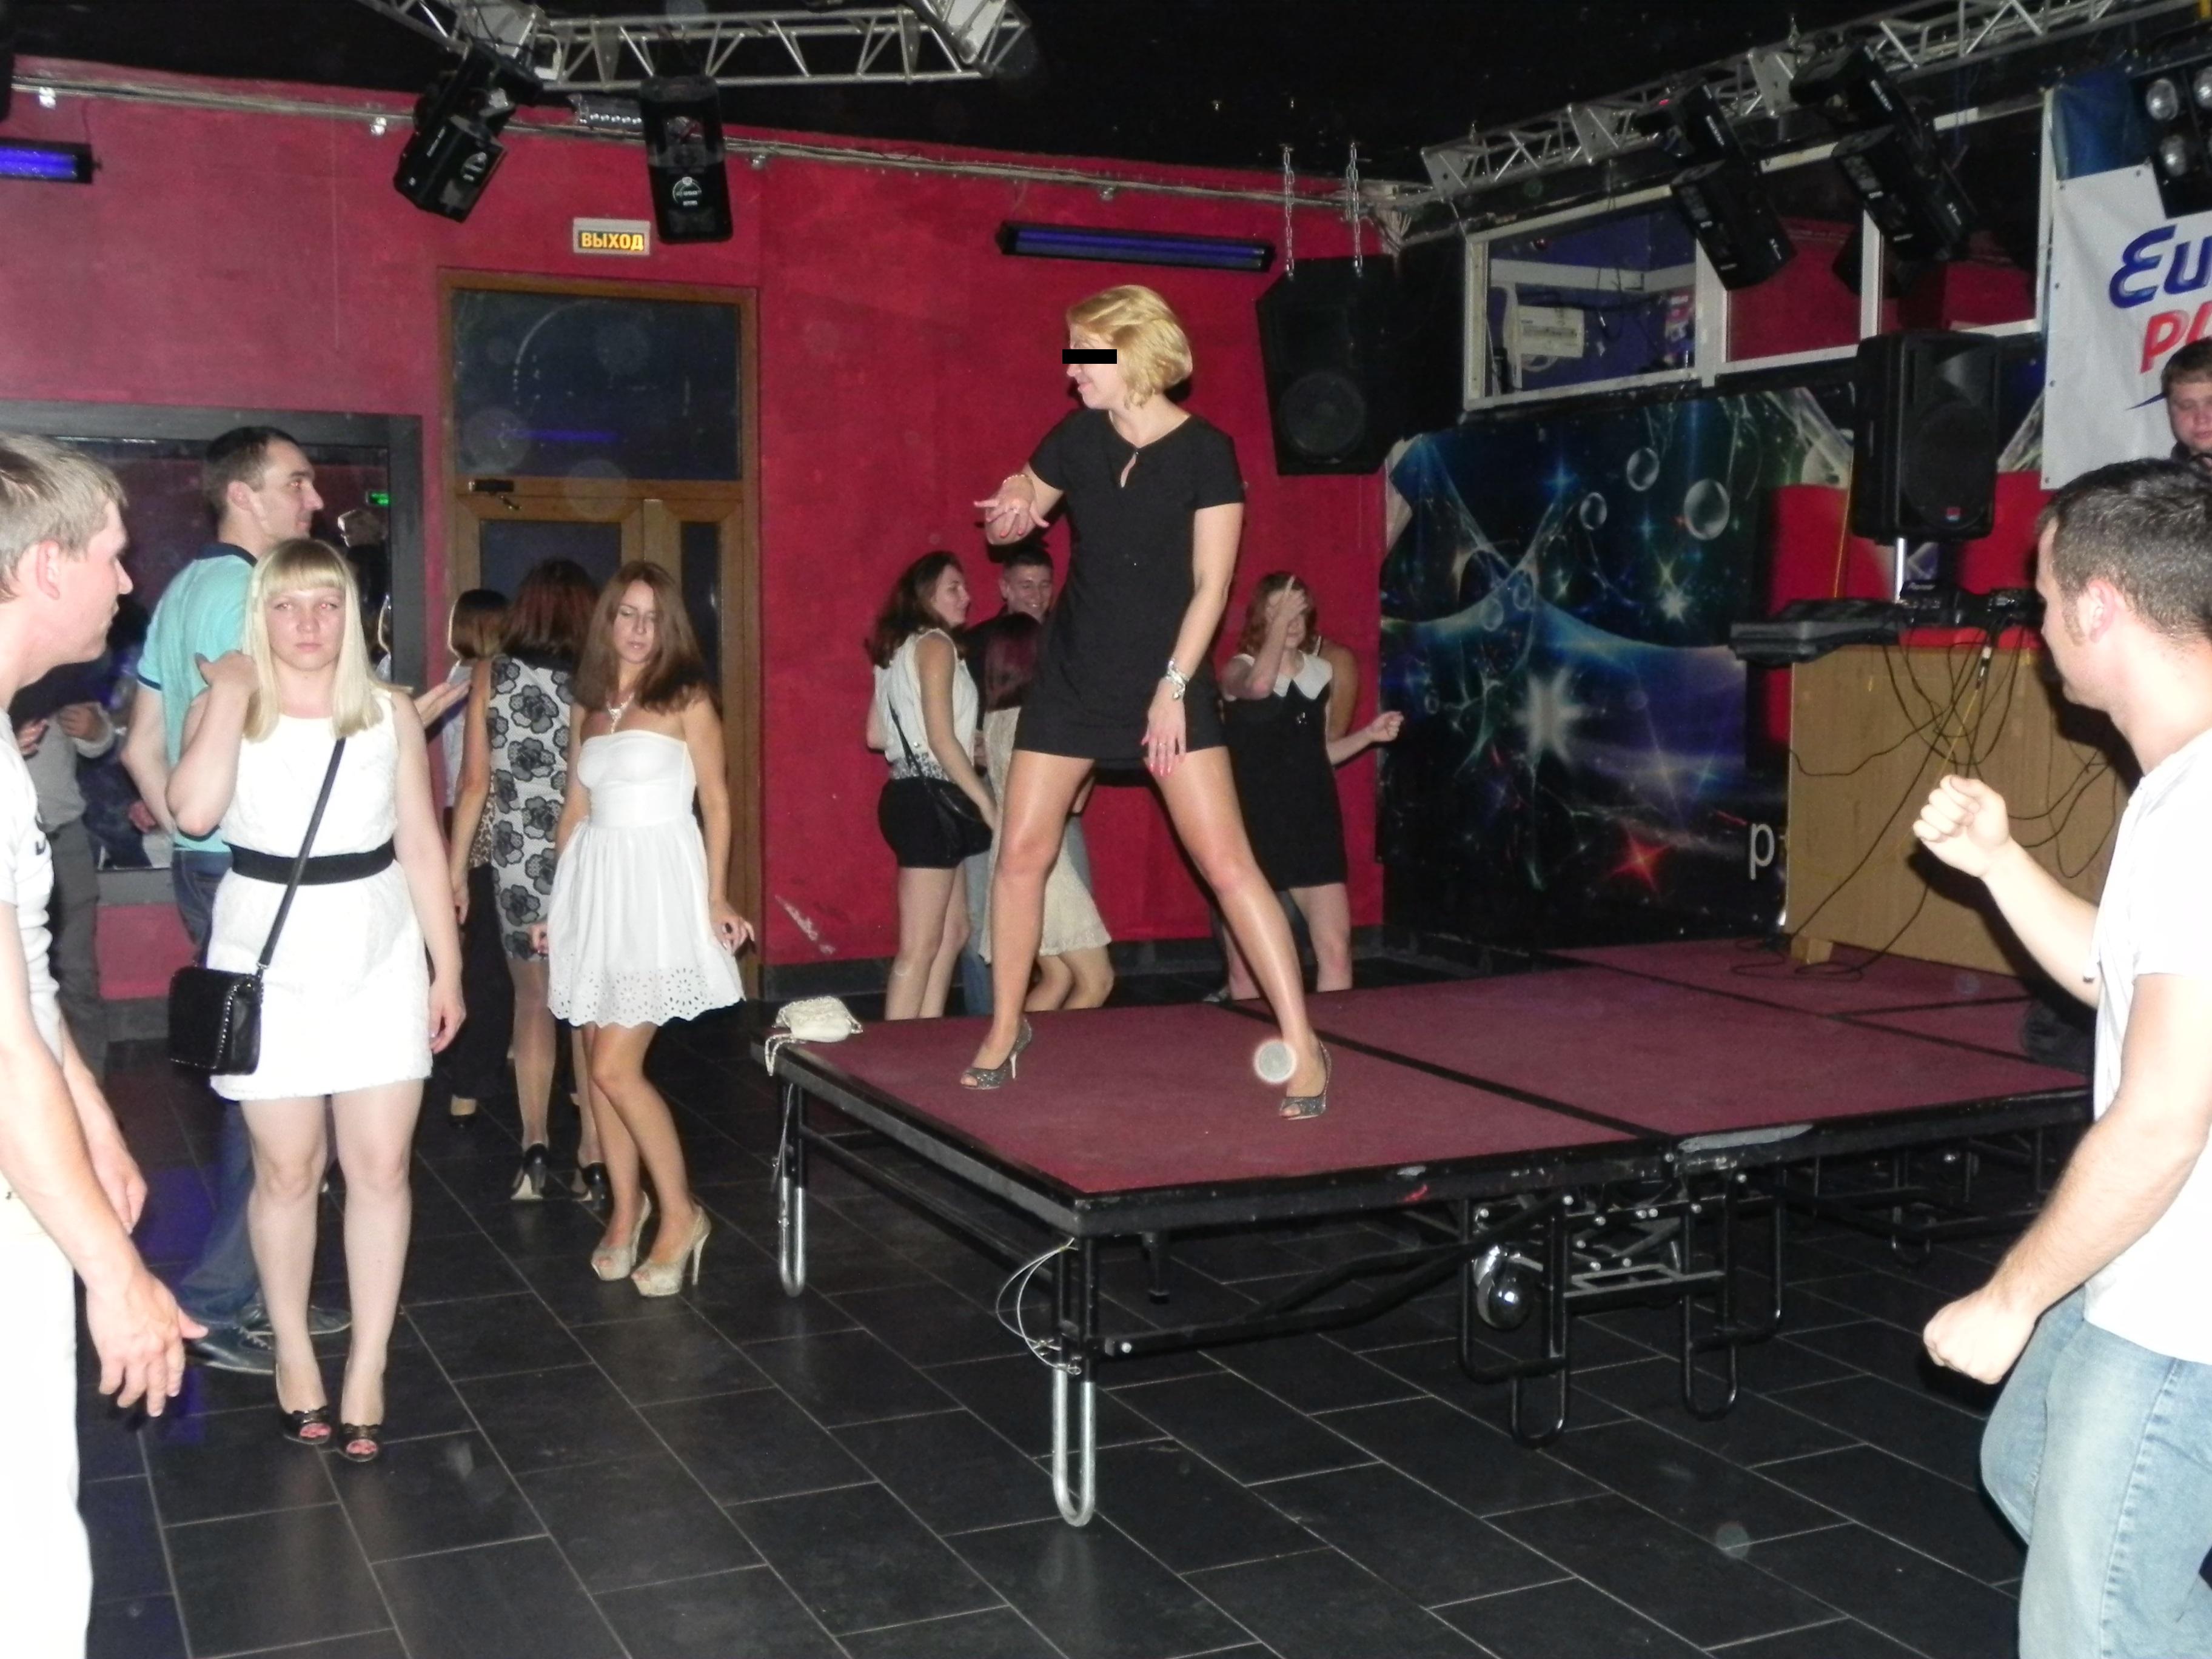 Пьяные девчонки танцуют в клубе фото 5 фотография